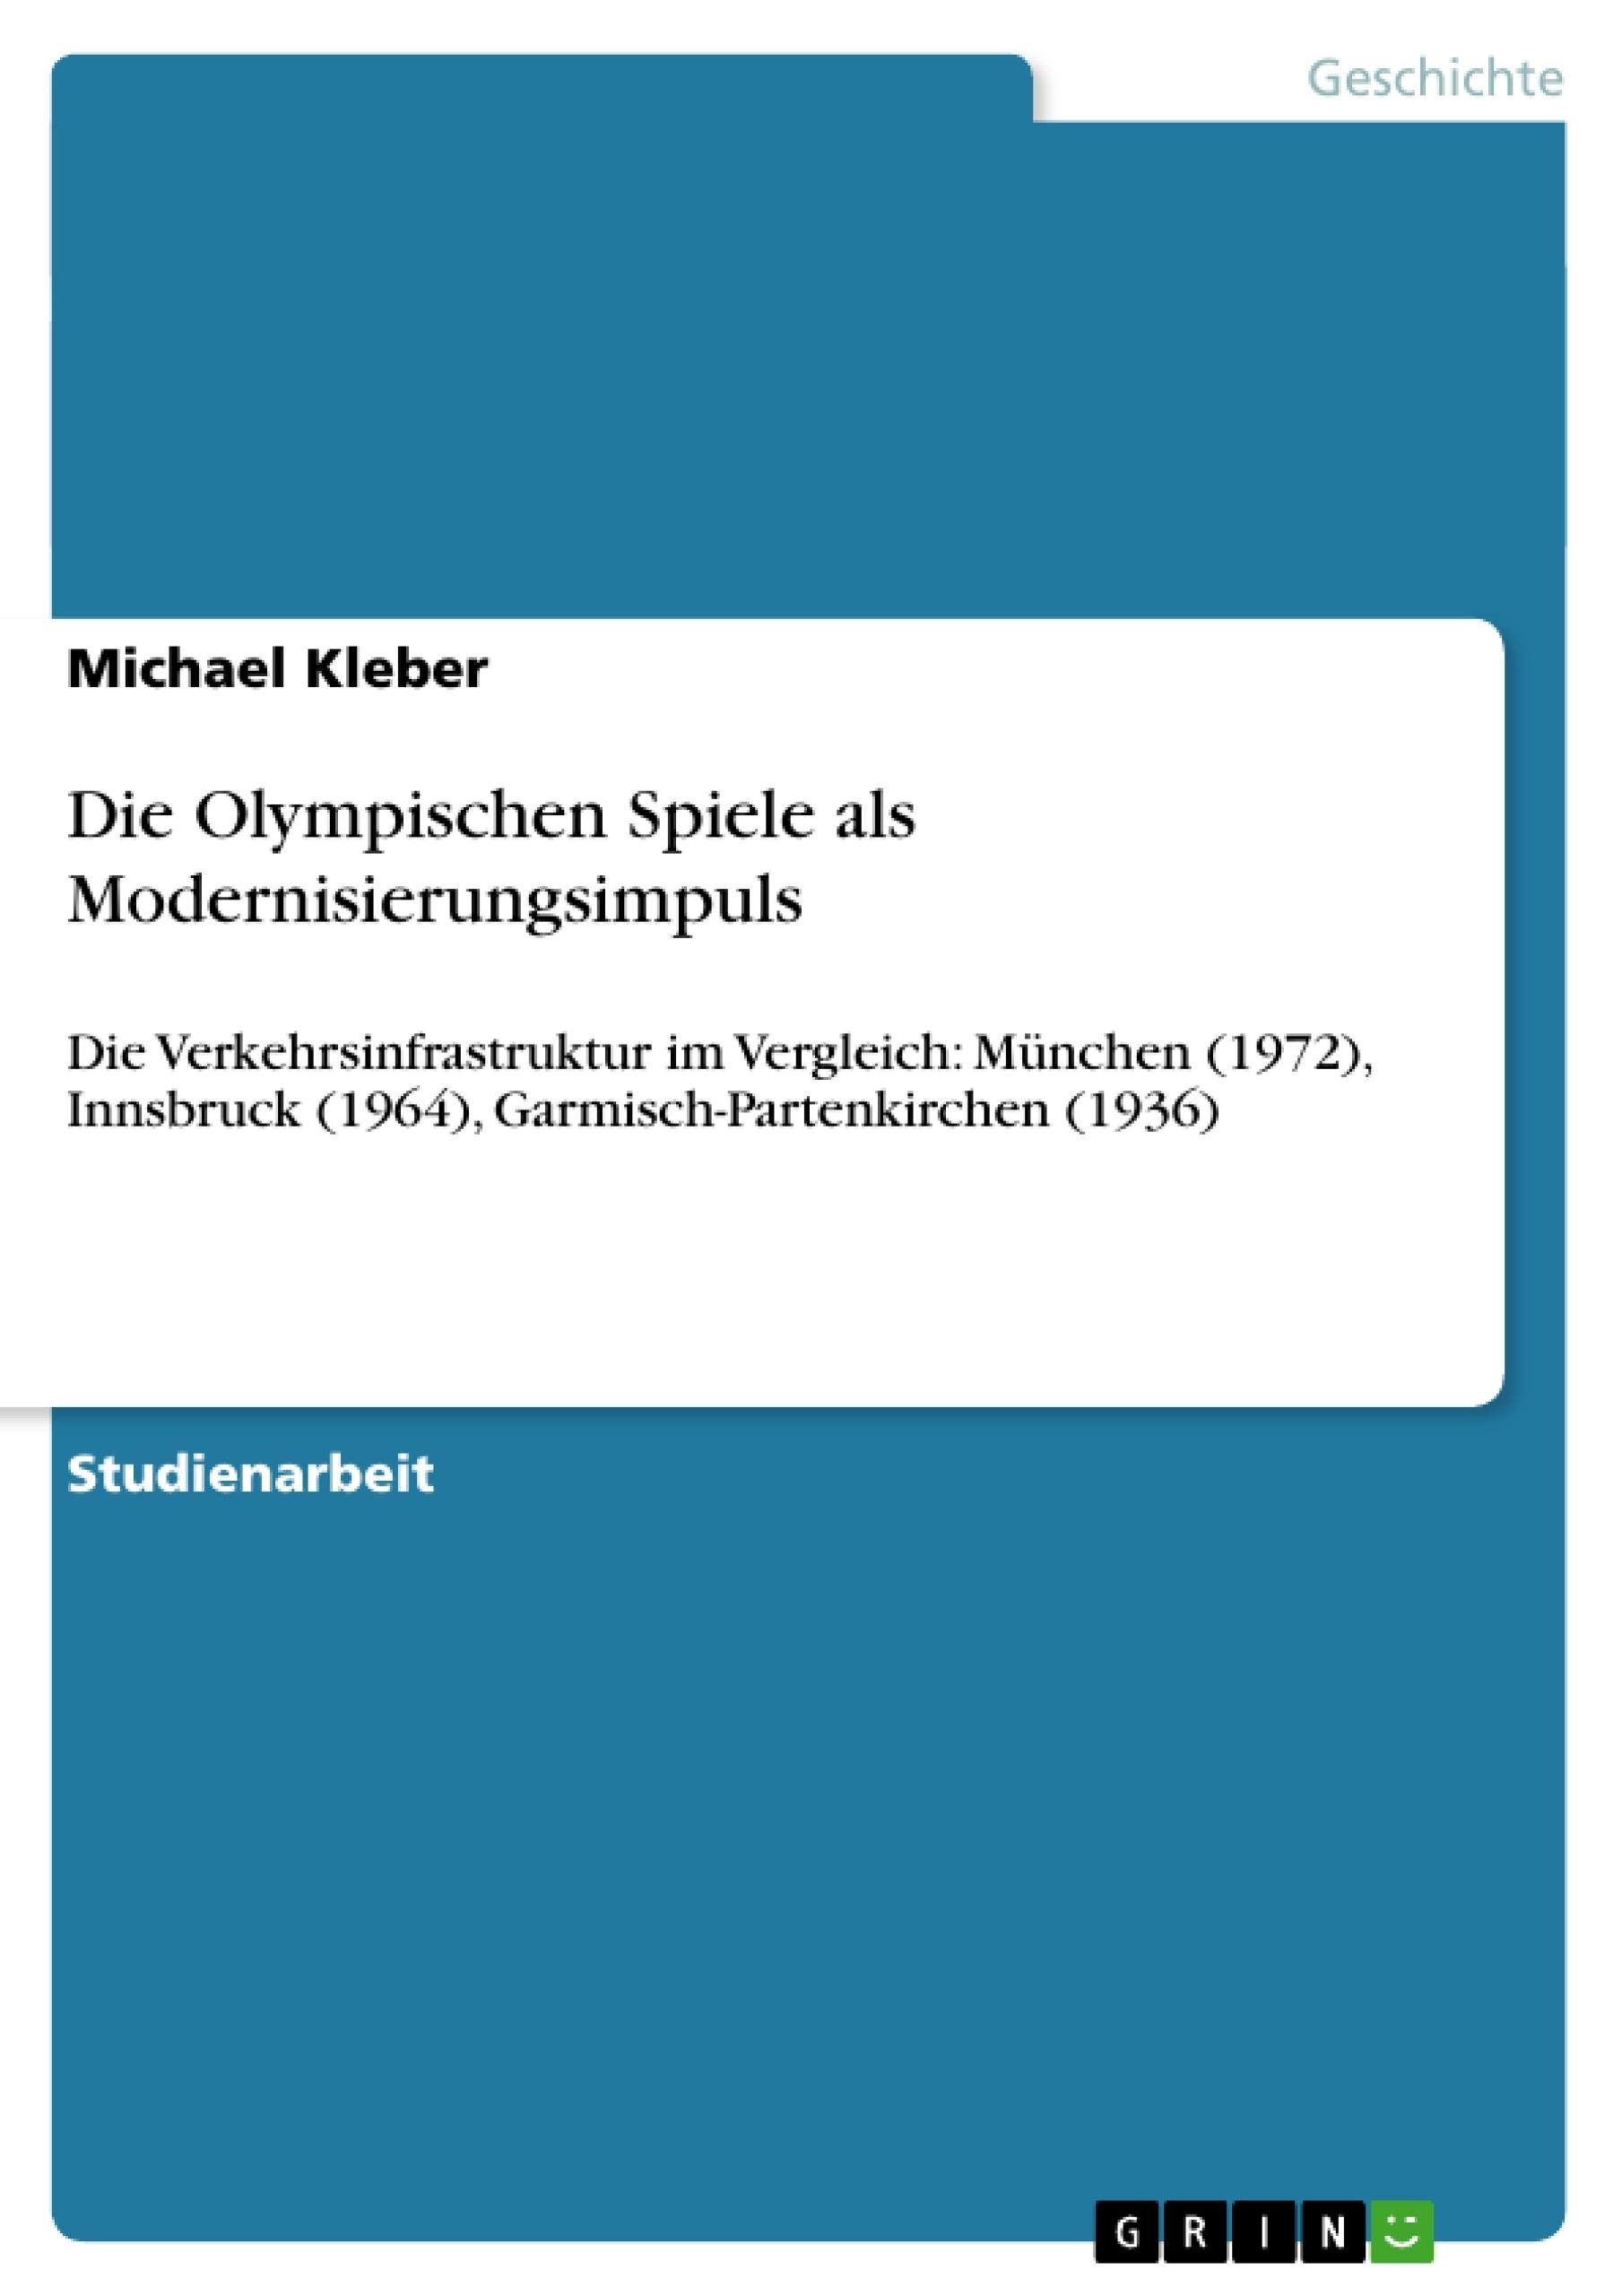 Titel: Die Olympischen Spiele als Modernisierungsimpuls